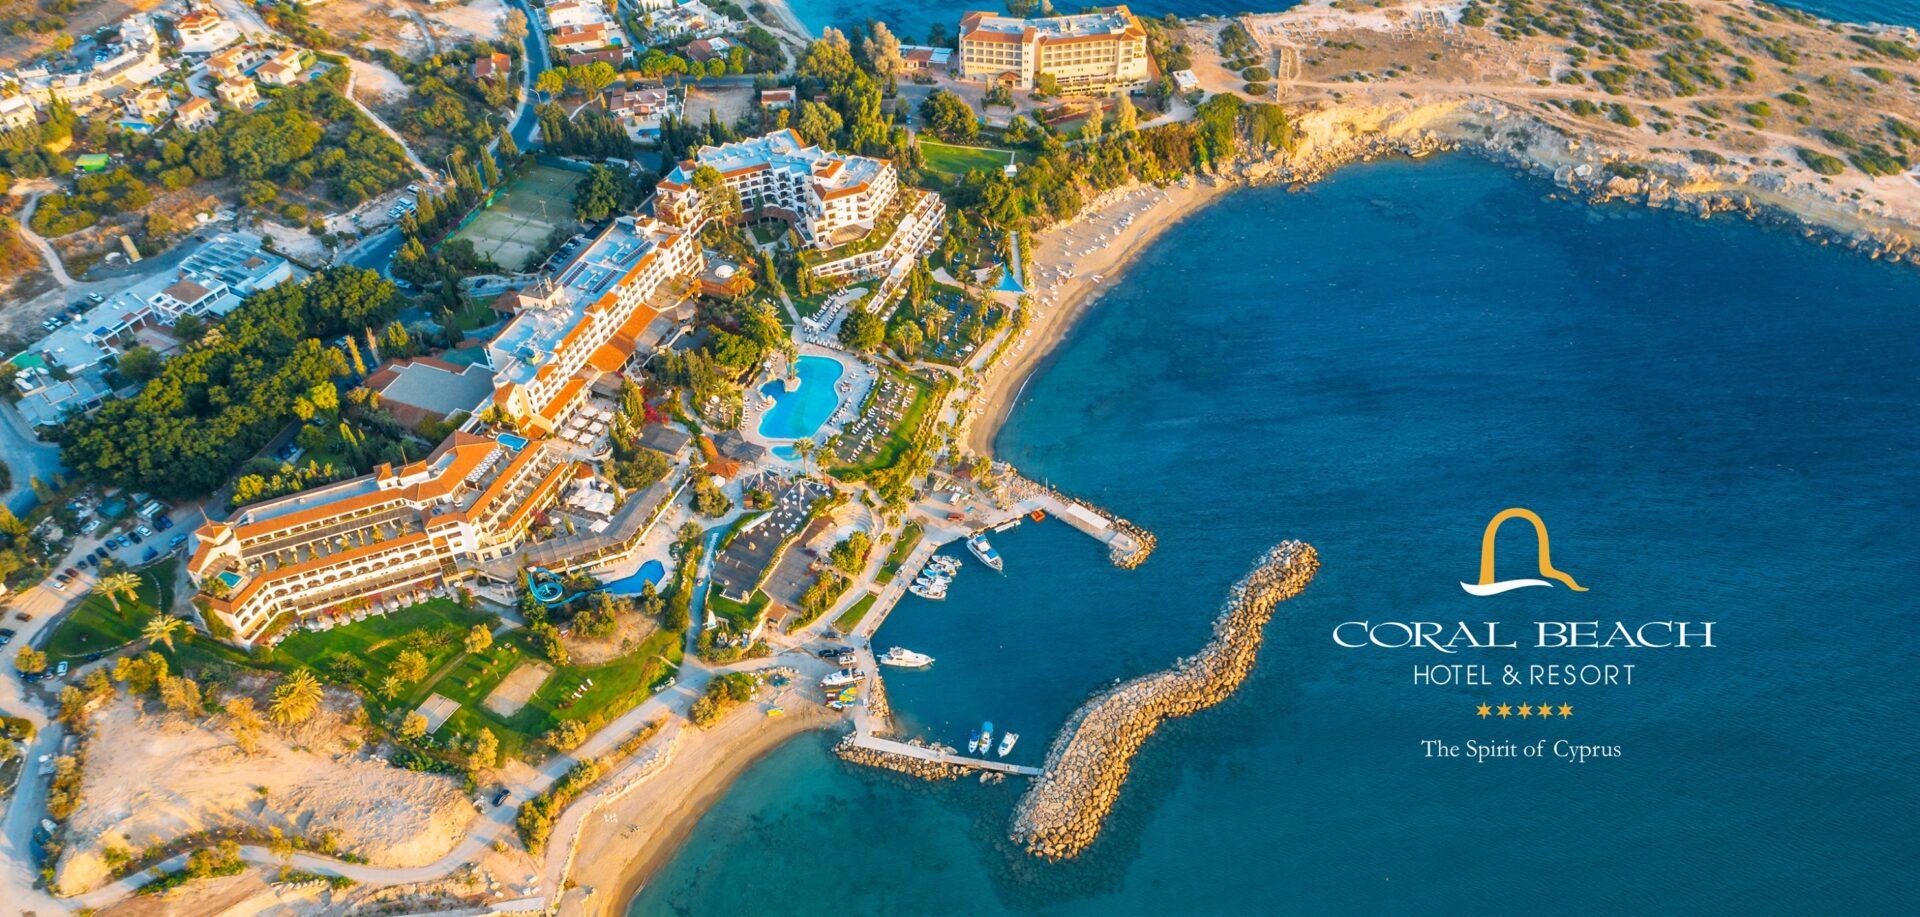 Coral Beach Kosher Resort 5*